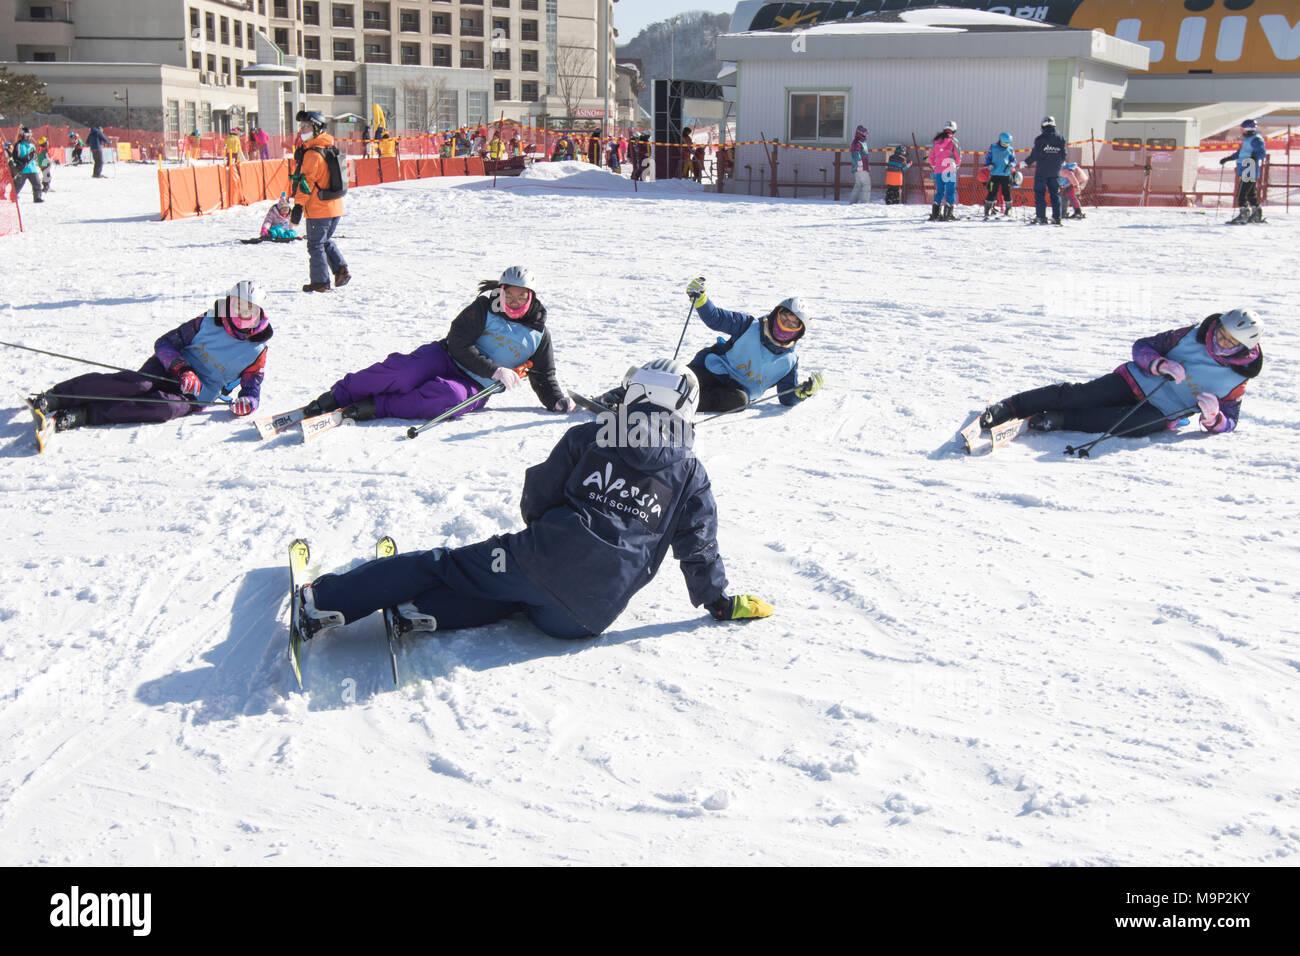 Vier Frauen werden, wie man sich nach einem Sturz beim Skifahren, im alpensia Resort in der Gangwon-do-Region South Korea unterrichtet. Die alpensia Resort ist ein Skigebiet und eine touristische Attraktion. Es ist auf dem Gebiet der Gemeinde von daegwallyeong-myeon befindet sich in der Grafschaft von Pyeongchang, die Olympischen Winterspiele hosting im Februar 2018. Das Skigebiet ist ca. 2,5 Stunden von Seoul oder Incheon Airport mit dem Auto, überwiegend alle Autobahn. Alpensia hat sechs Pisten für Ski und Snowboard, mit bis zu 1,4 km (0.87 mi) lang, für Anfänger und Fortgeschrittene, und einen Bereich Stockbild